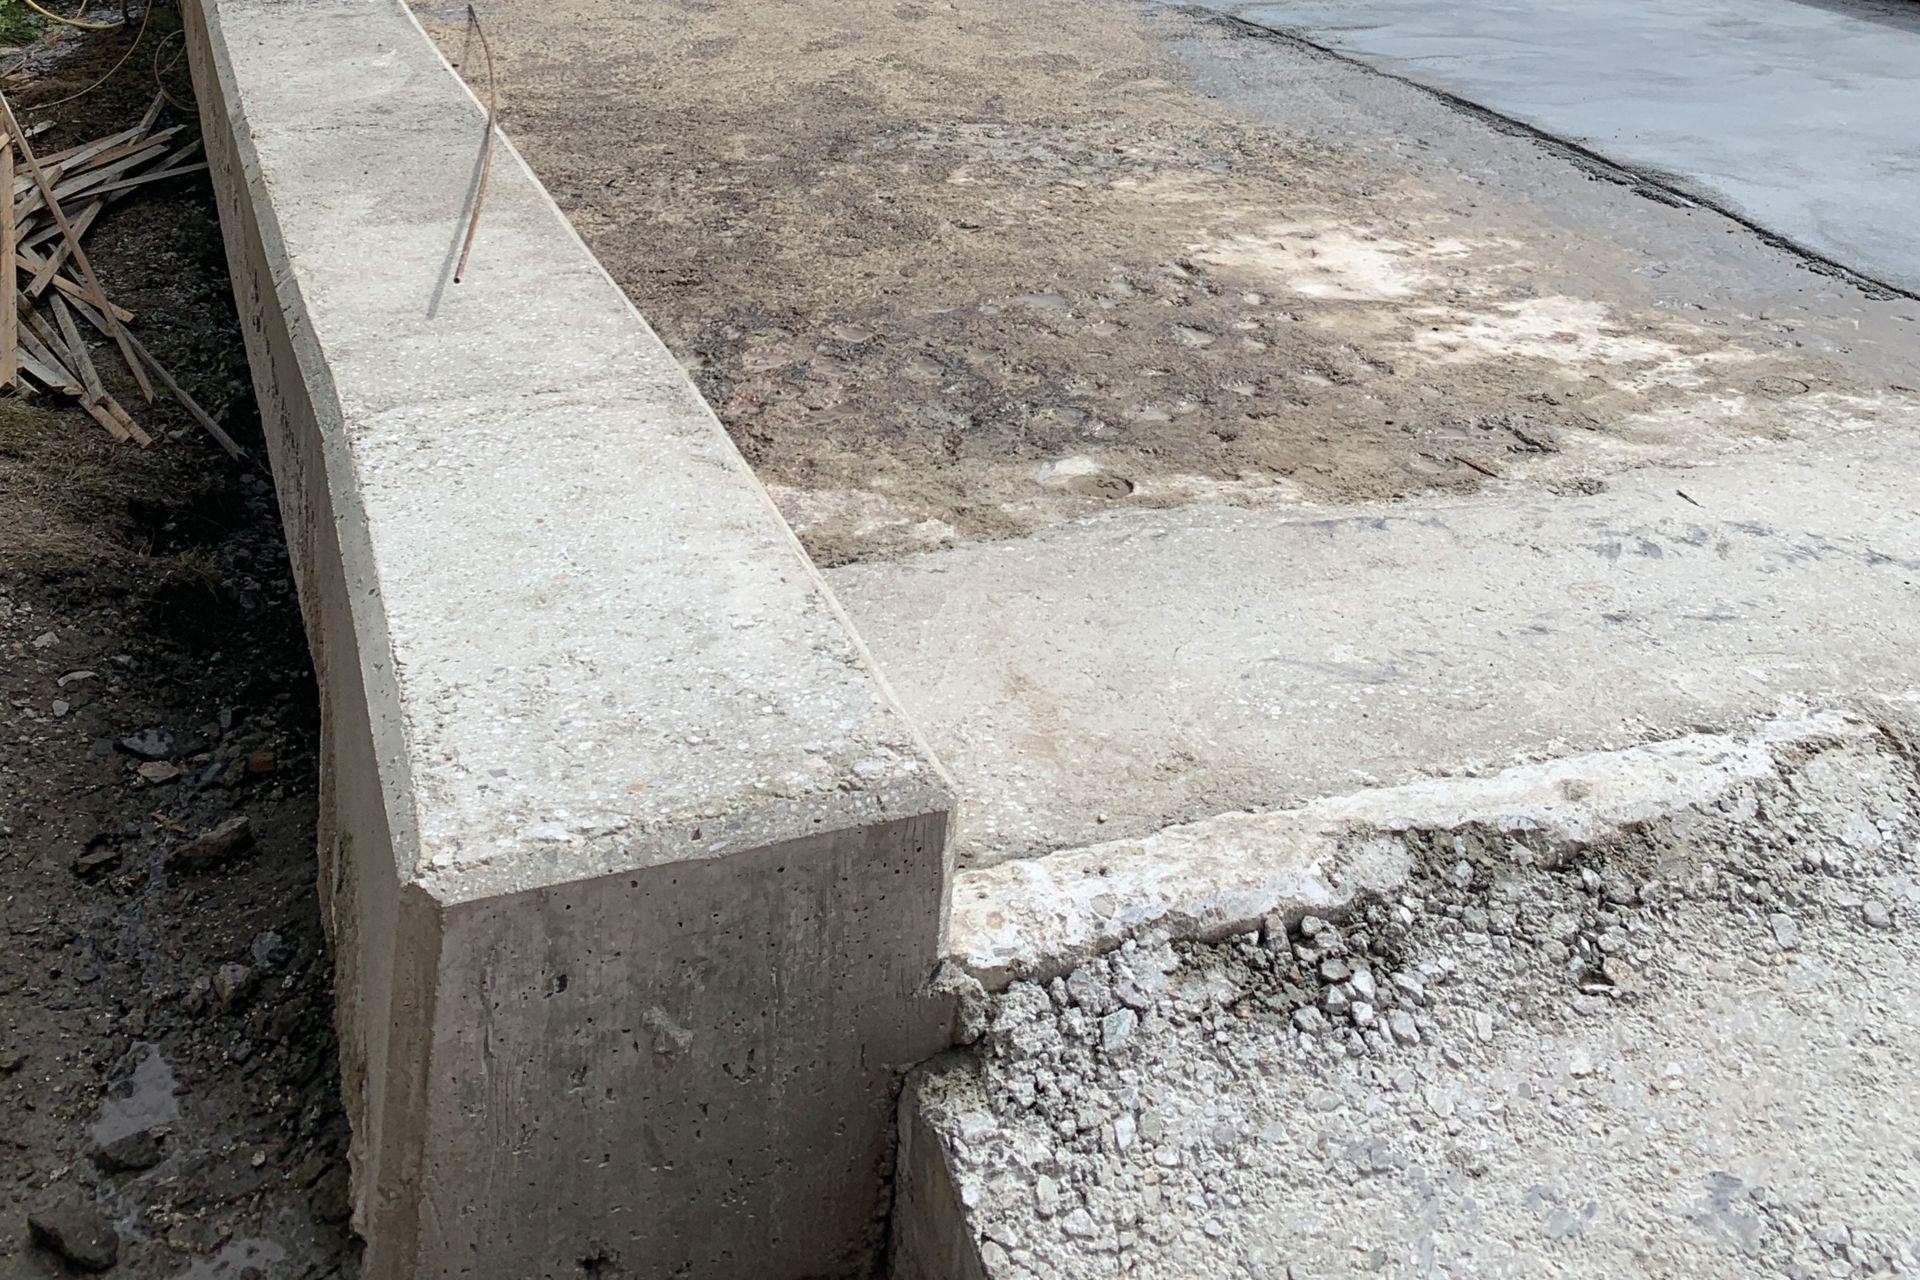 Betoninstandsetzung und Abdichtung an Brücken Departement für Mobilität, Kanton Wallis